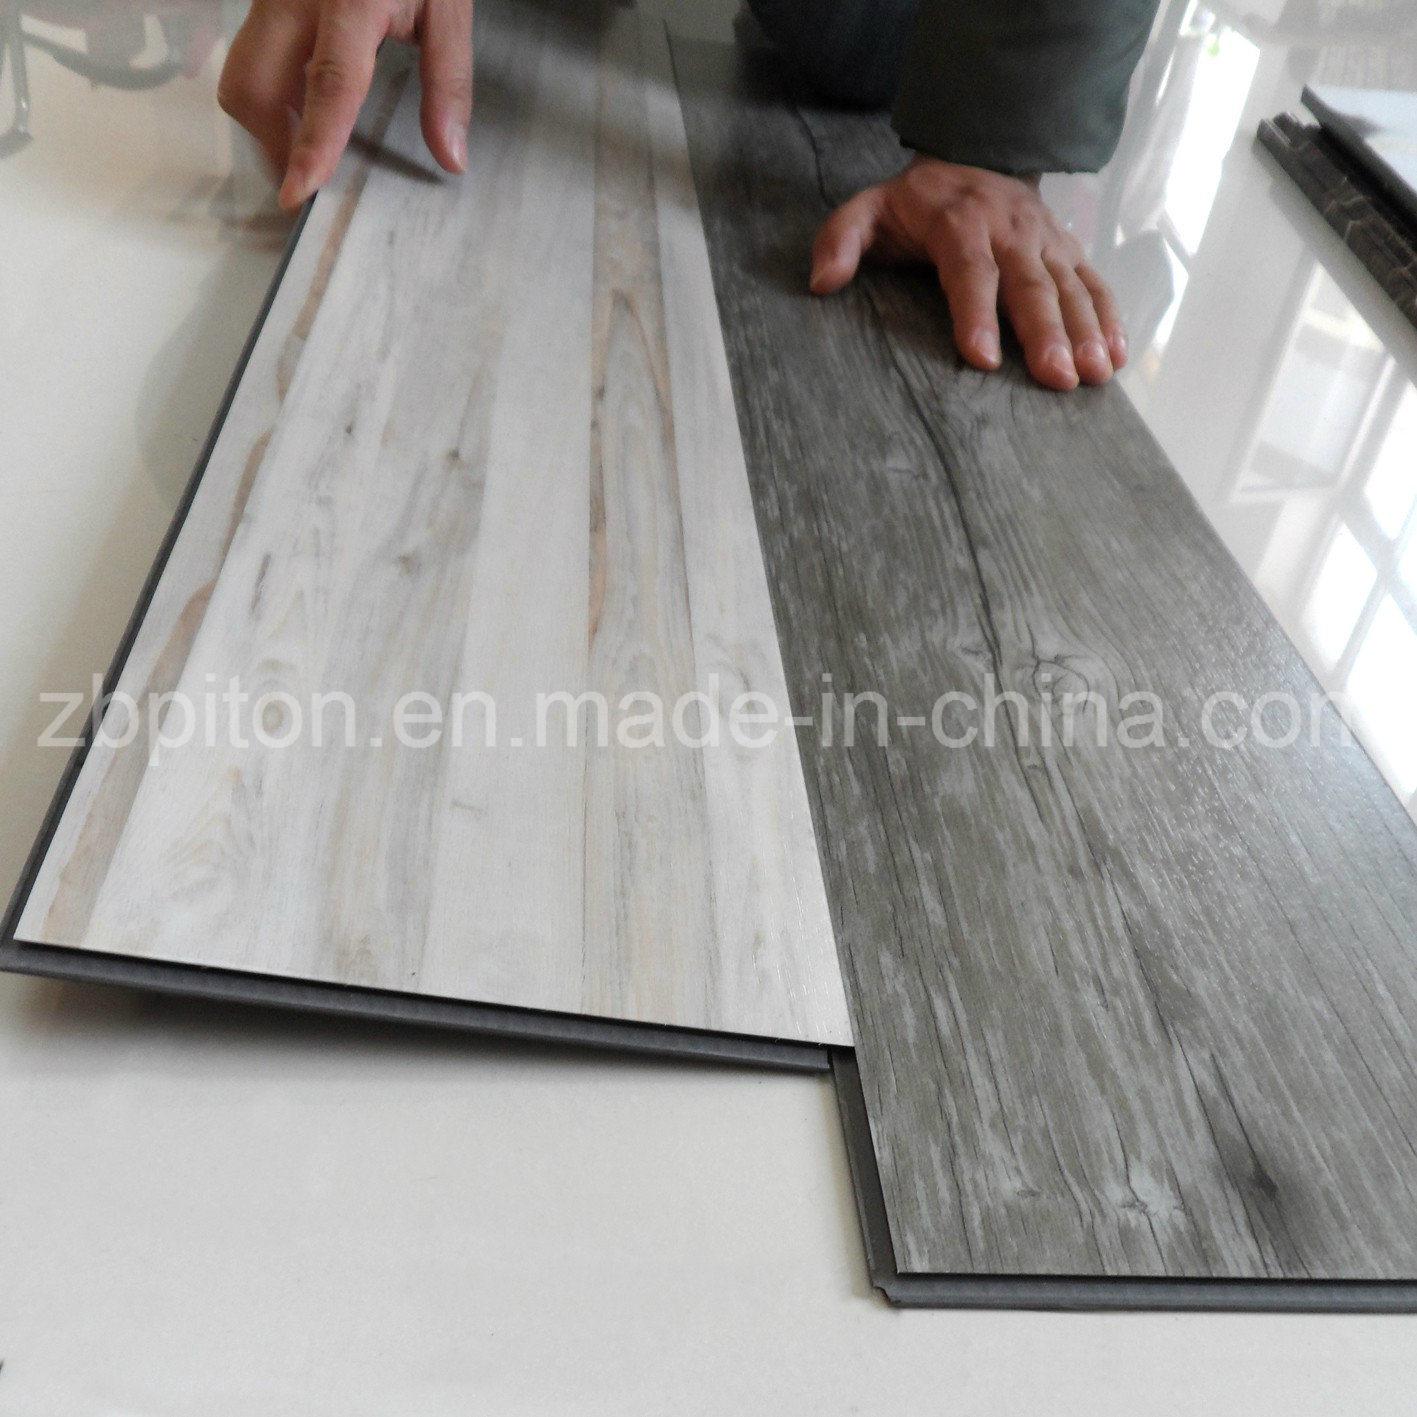 planches de luxe de plancher de pvc de tuile de vinyle de lvt photo sur fr made in. Black Bedroom Furniture Sets. Home Design Ideas